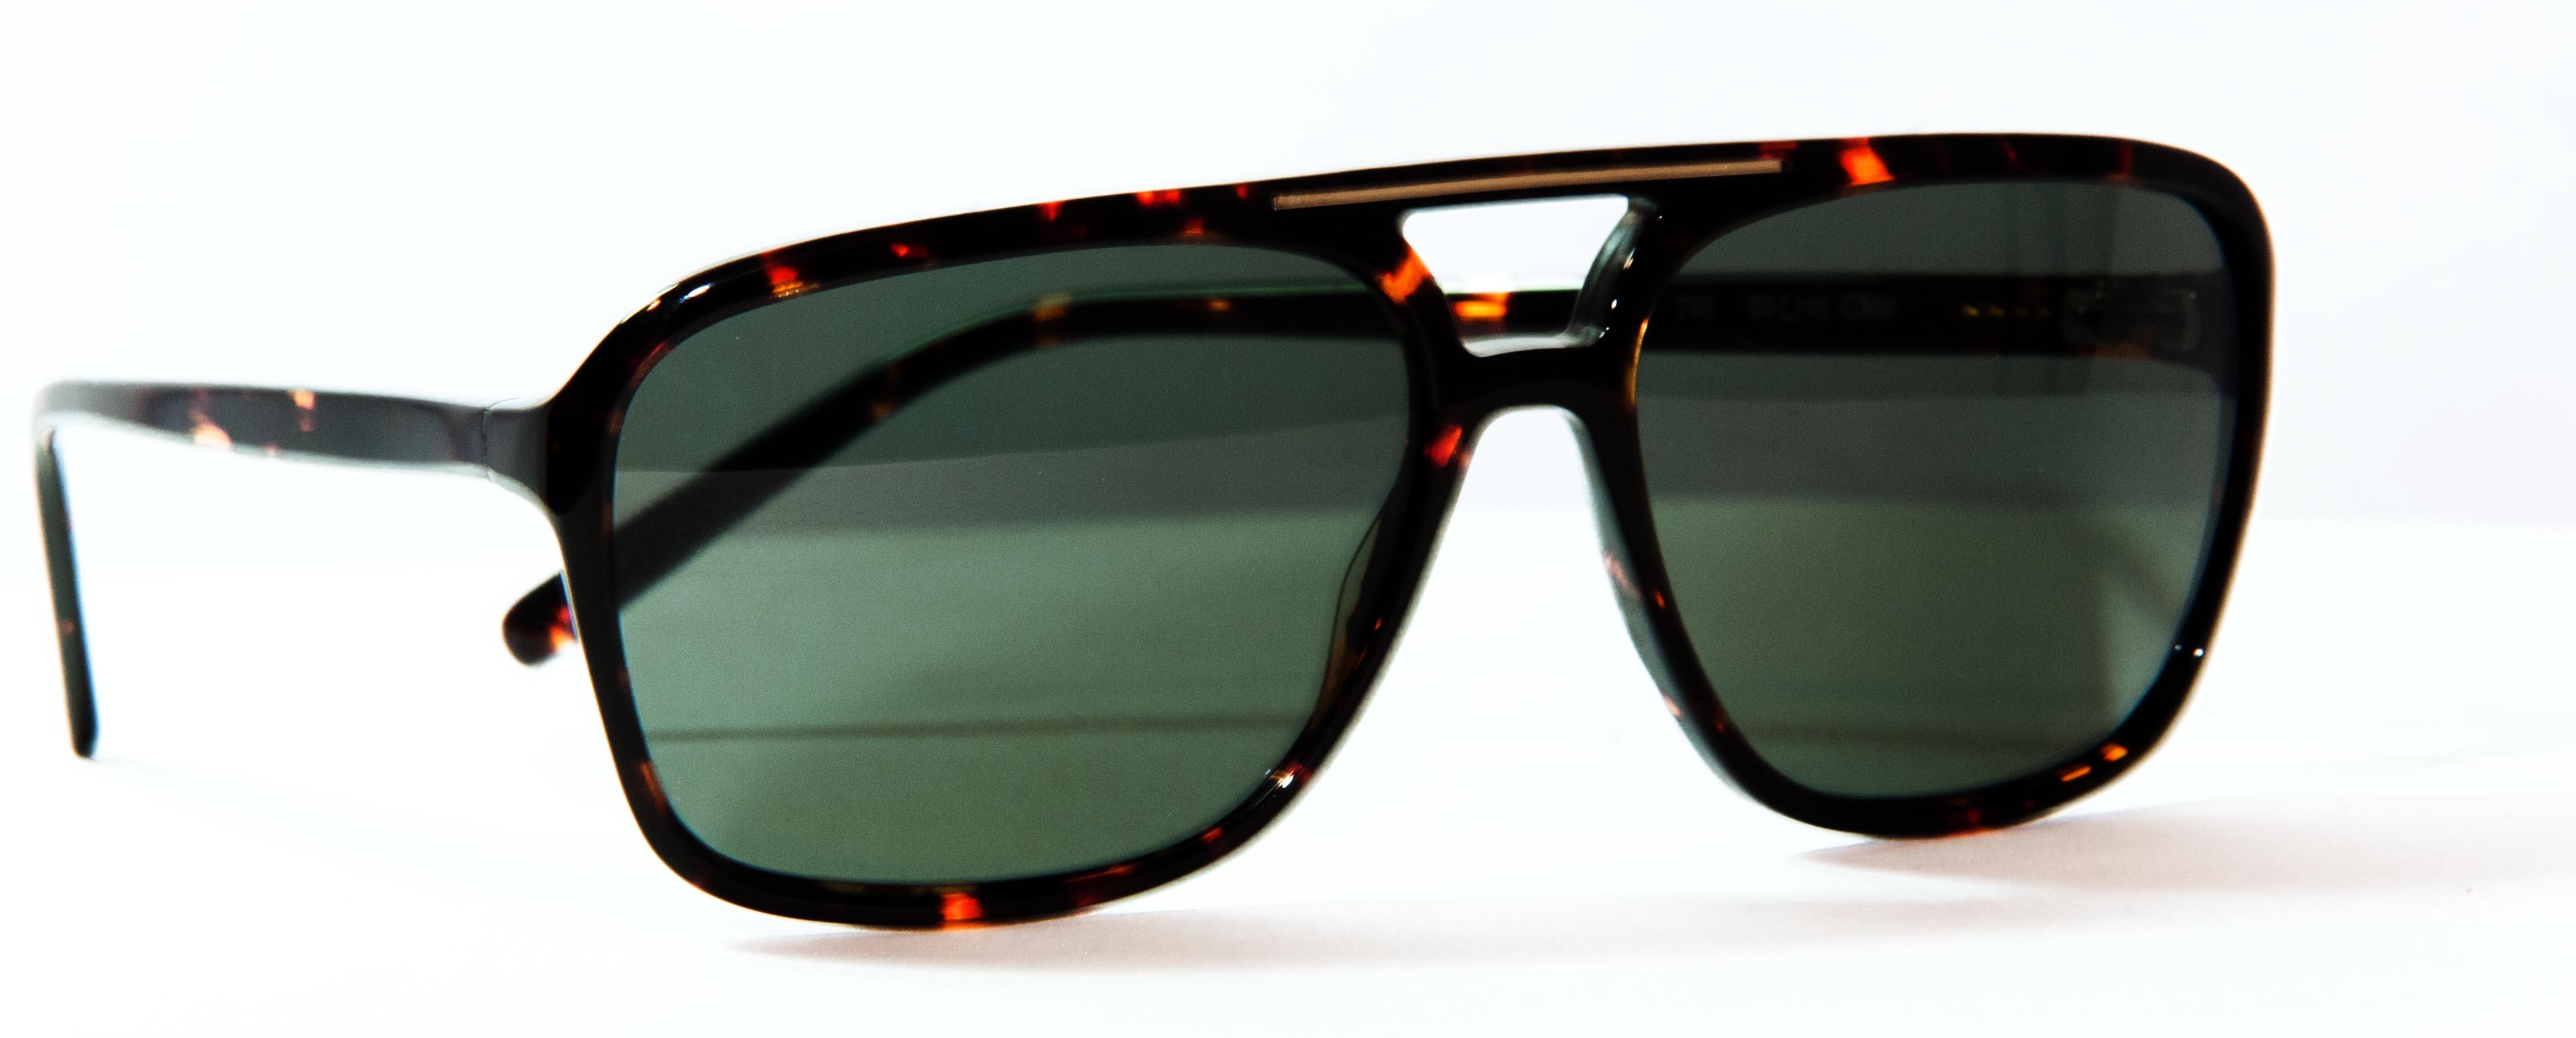 0aa163f2d Tecvision Industria Optica / Oculos de Sol - Zaaper Sunglass 313 T59